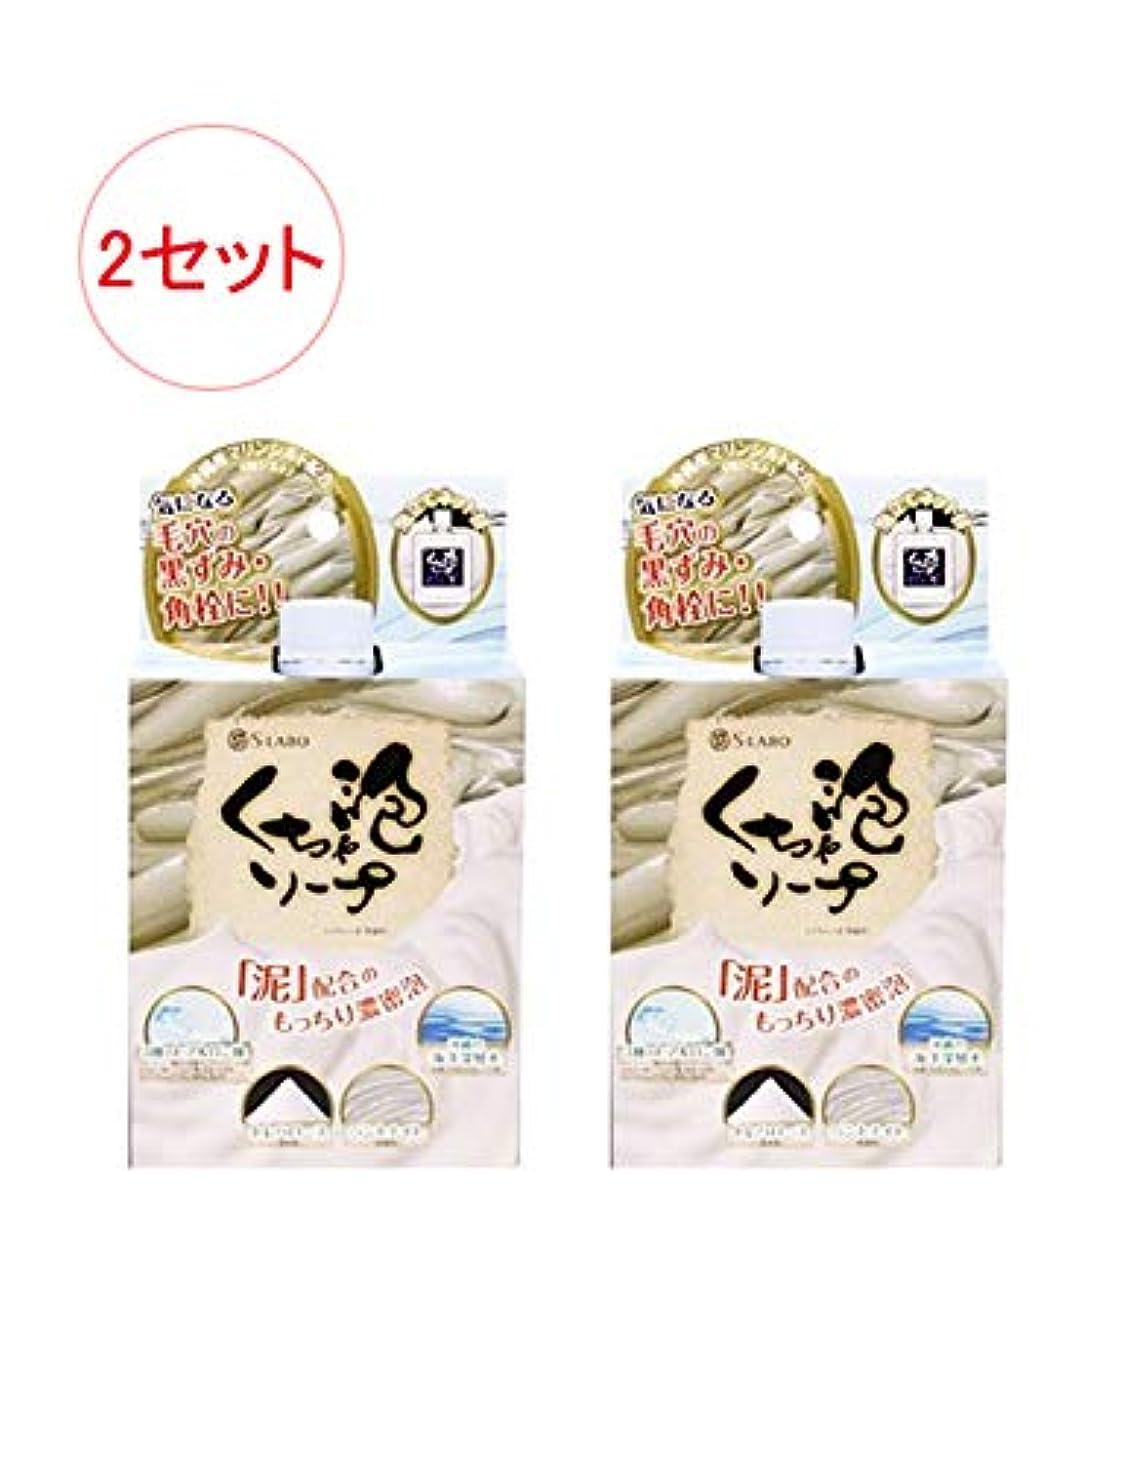 ペニー騙す描く日本製 モコモコくちゃ泡ソープ 100g x 2セット